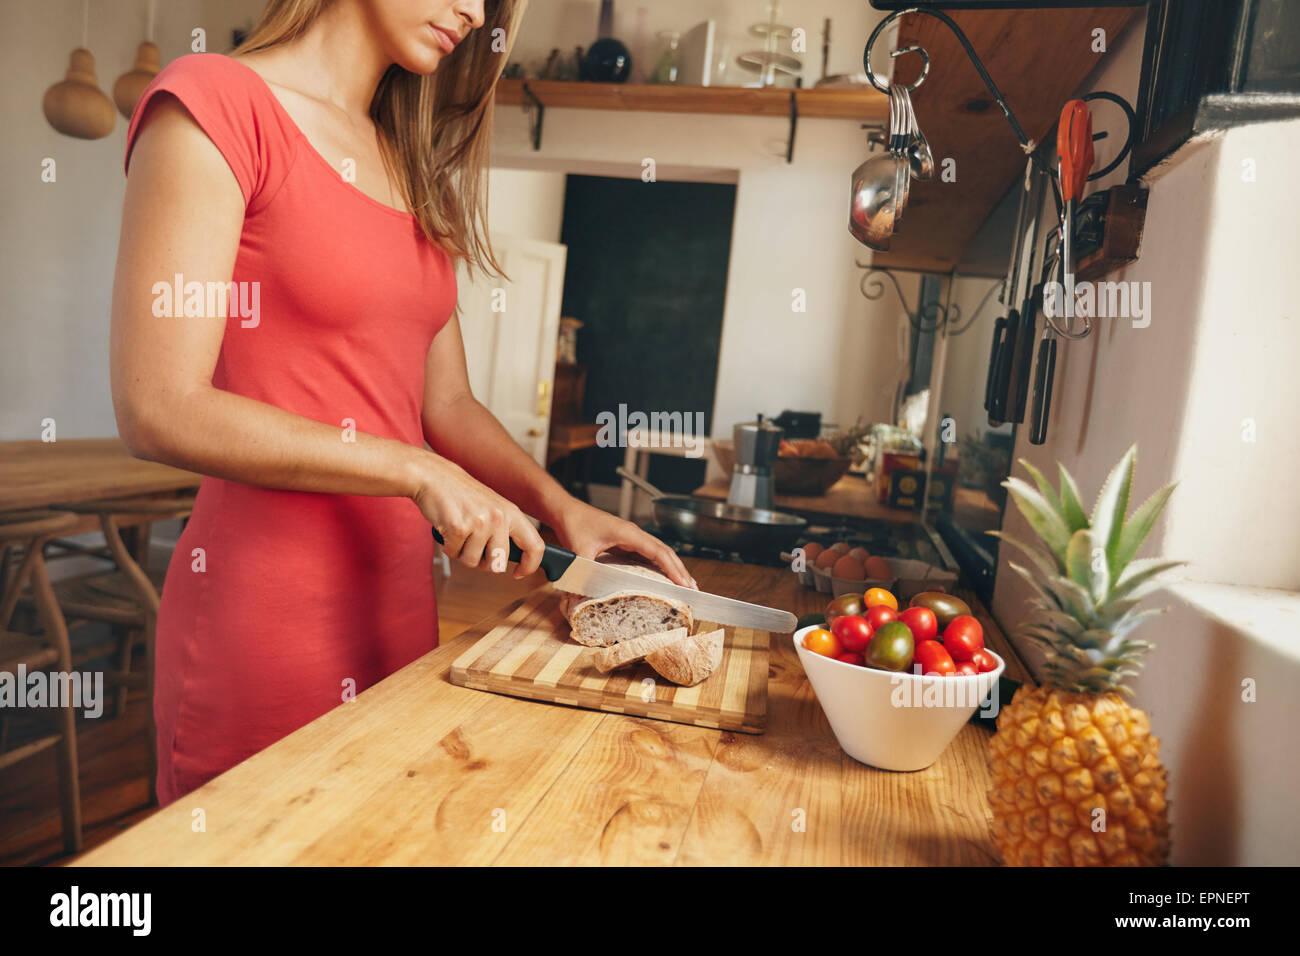 Aufnahme einer jungen Frau ein frisch gebackenes Brot auf einem heimischen Küchentisch schneiden beschnitten. Stockbild